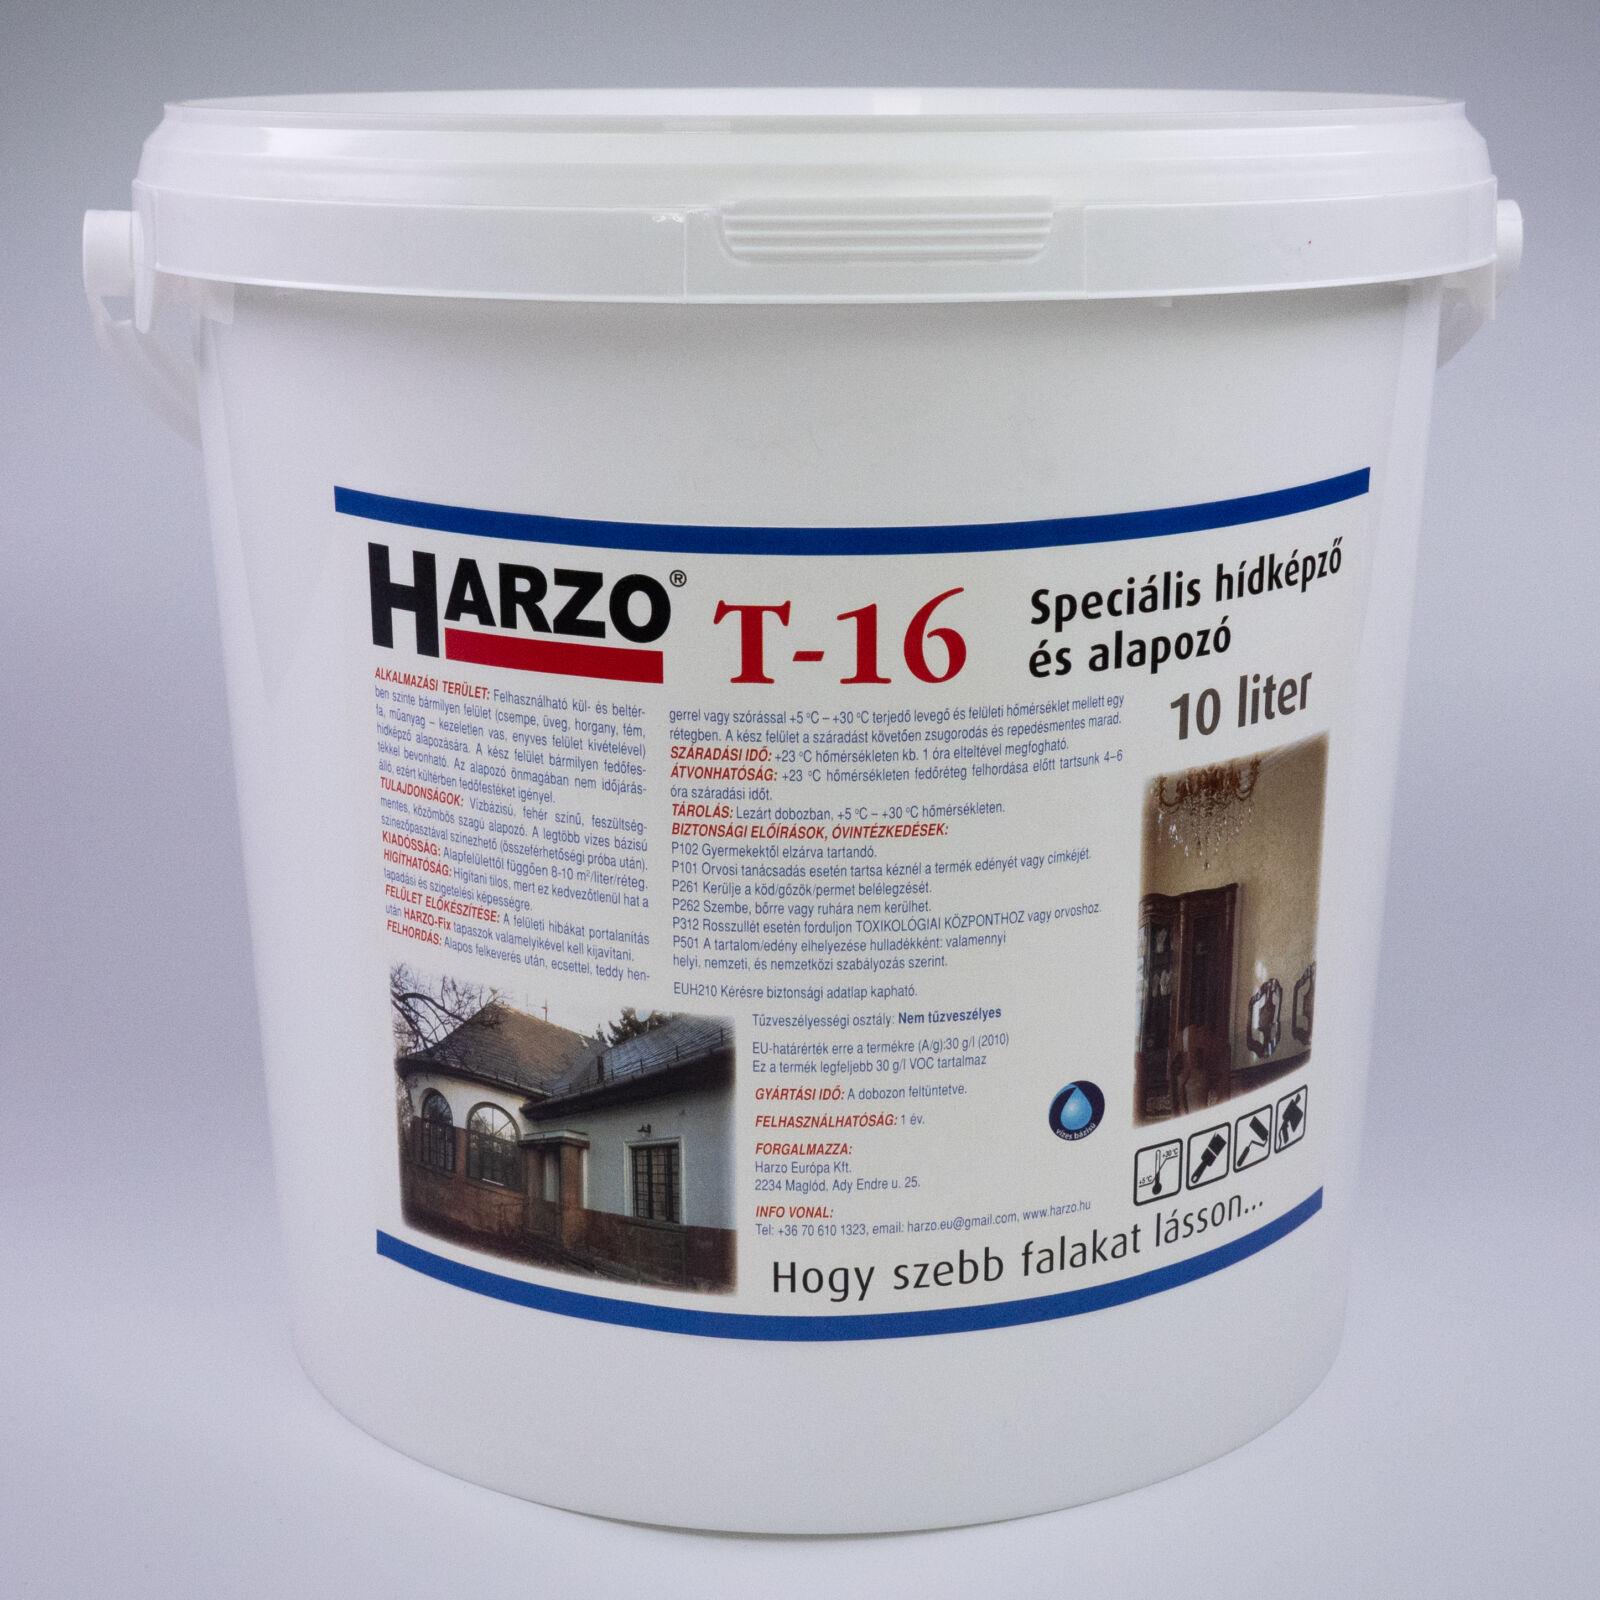 HARZO-T16 speciális hídképző  [10 l]